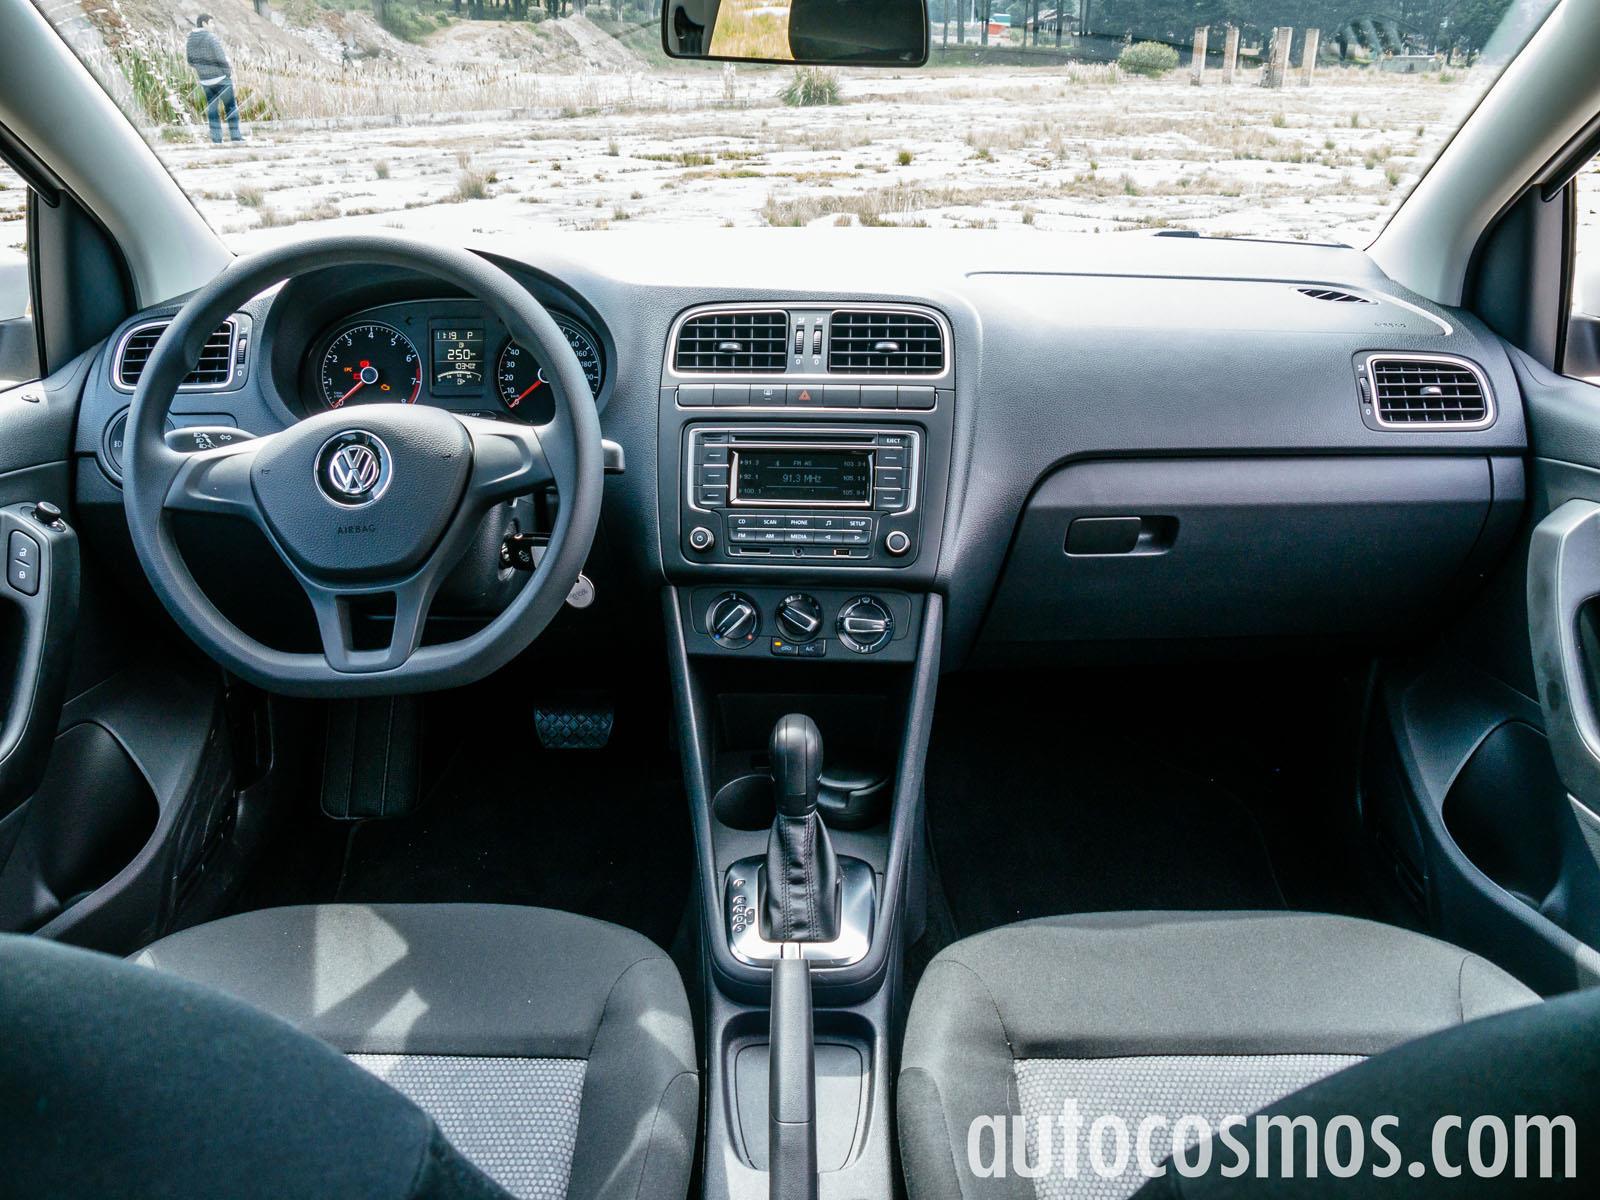 Volkswagen Nuevo Polo 2015 A Prueba Autocosmos Com